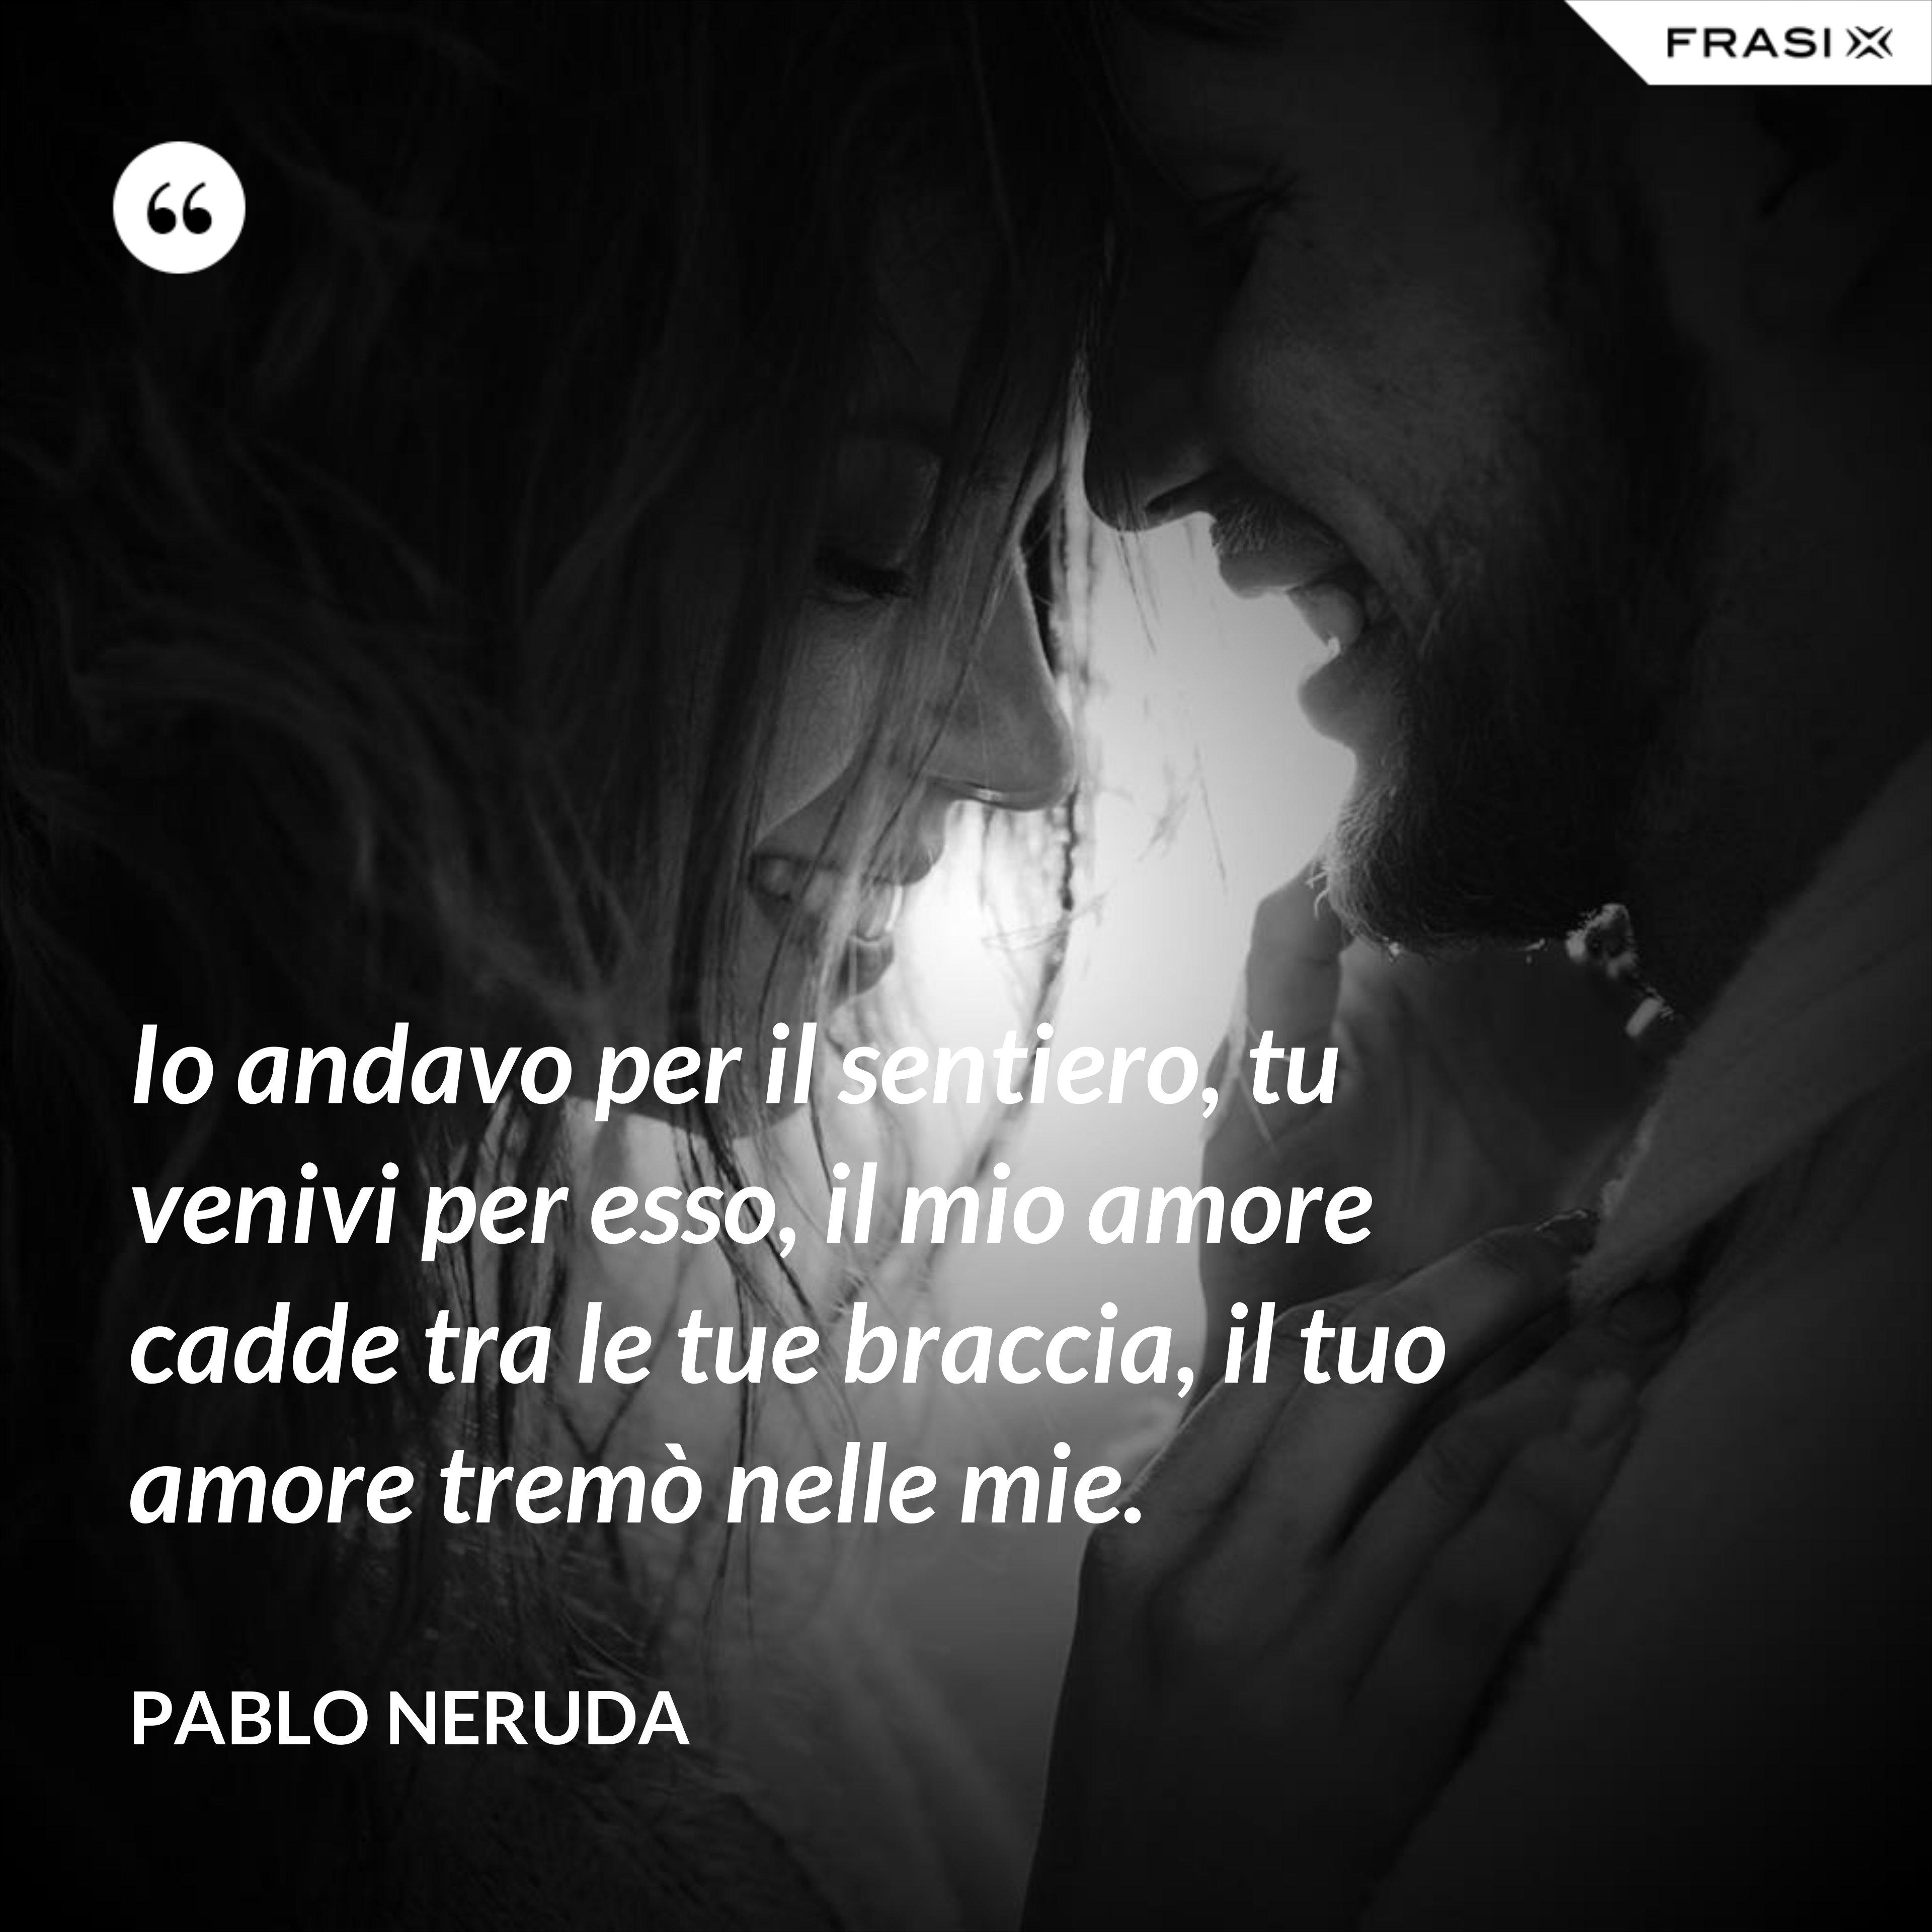 Io andavo per il sentiero, tu venivi per esso, il mio amore cadde tra le tue braccia, il tuo amore tremò nelle mie. - Pablo Neruda